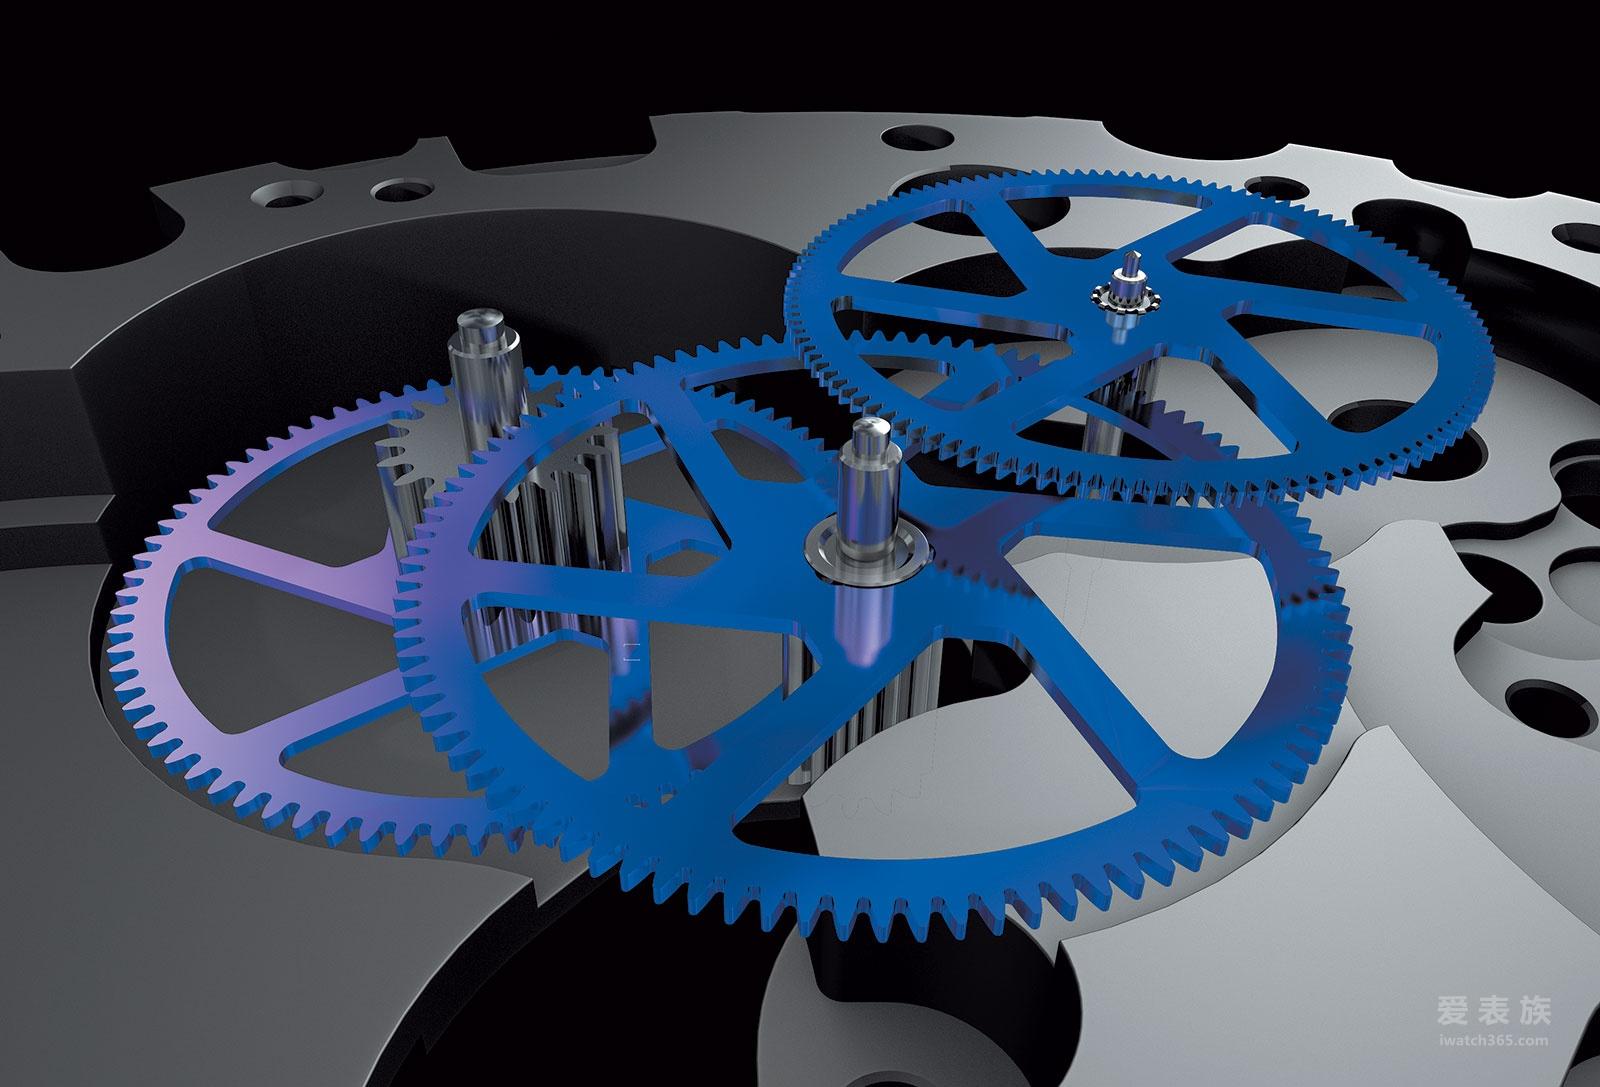 百年灵超级海洋文化CHRONOWORKS腕表